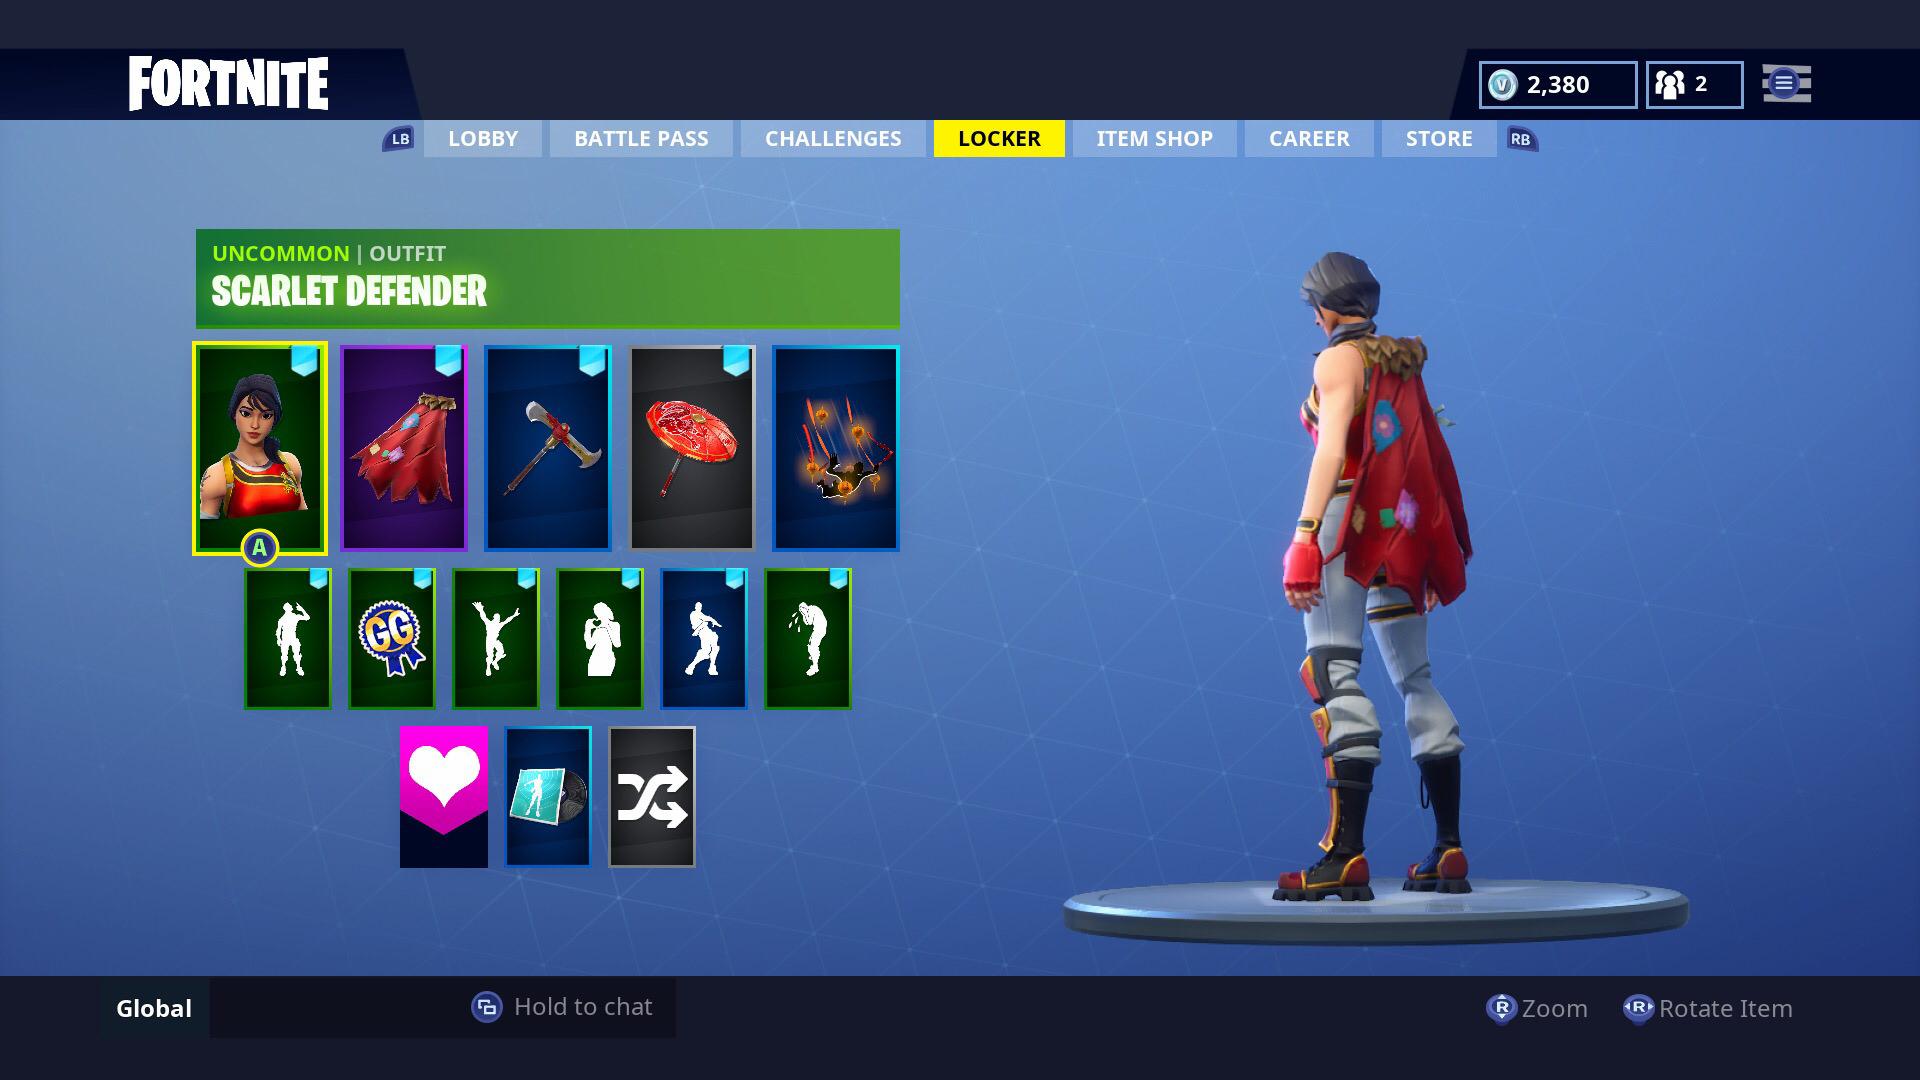 scarlet defender fabled cape axecalibur goddess 1920x1080 - fortnite scarlet defender skin